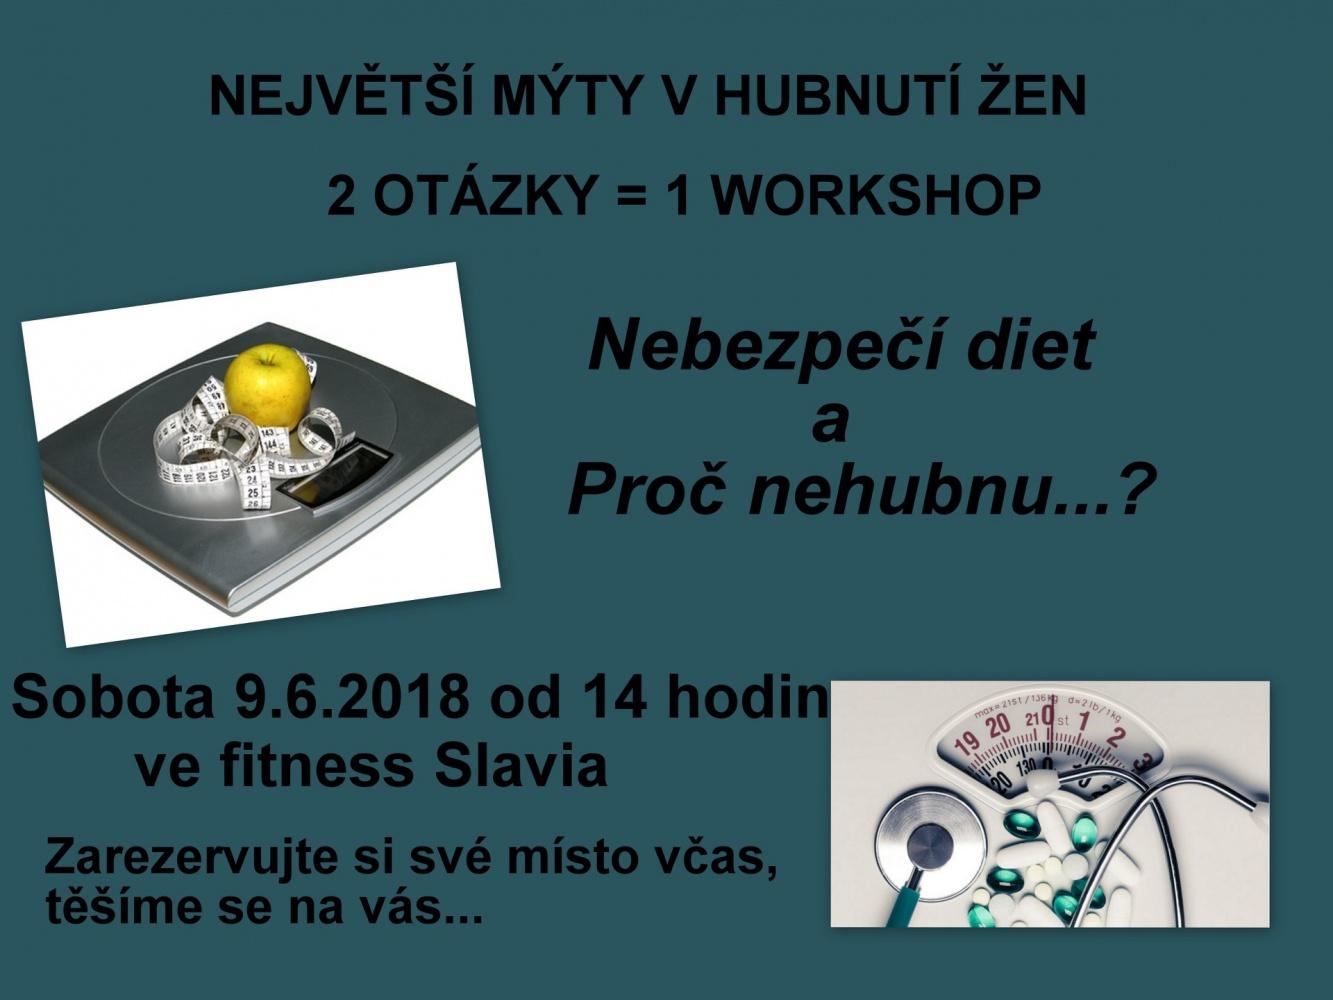 Workshop - největší mýty v hubnutí žen